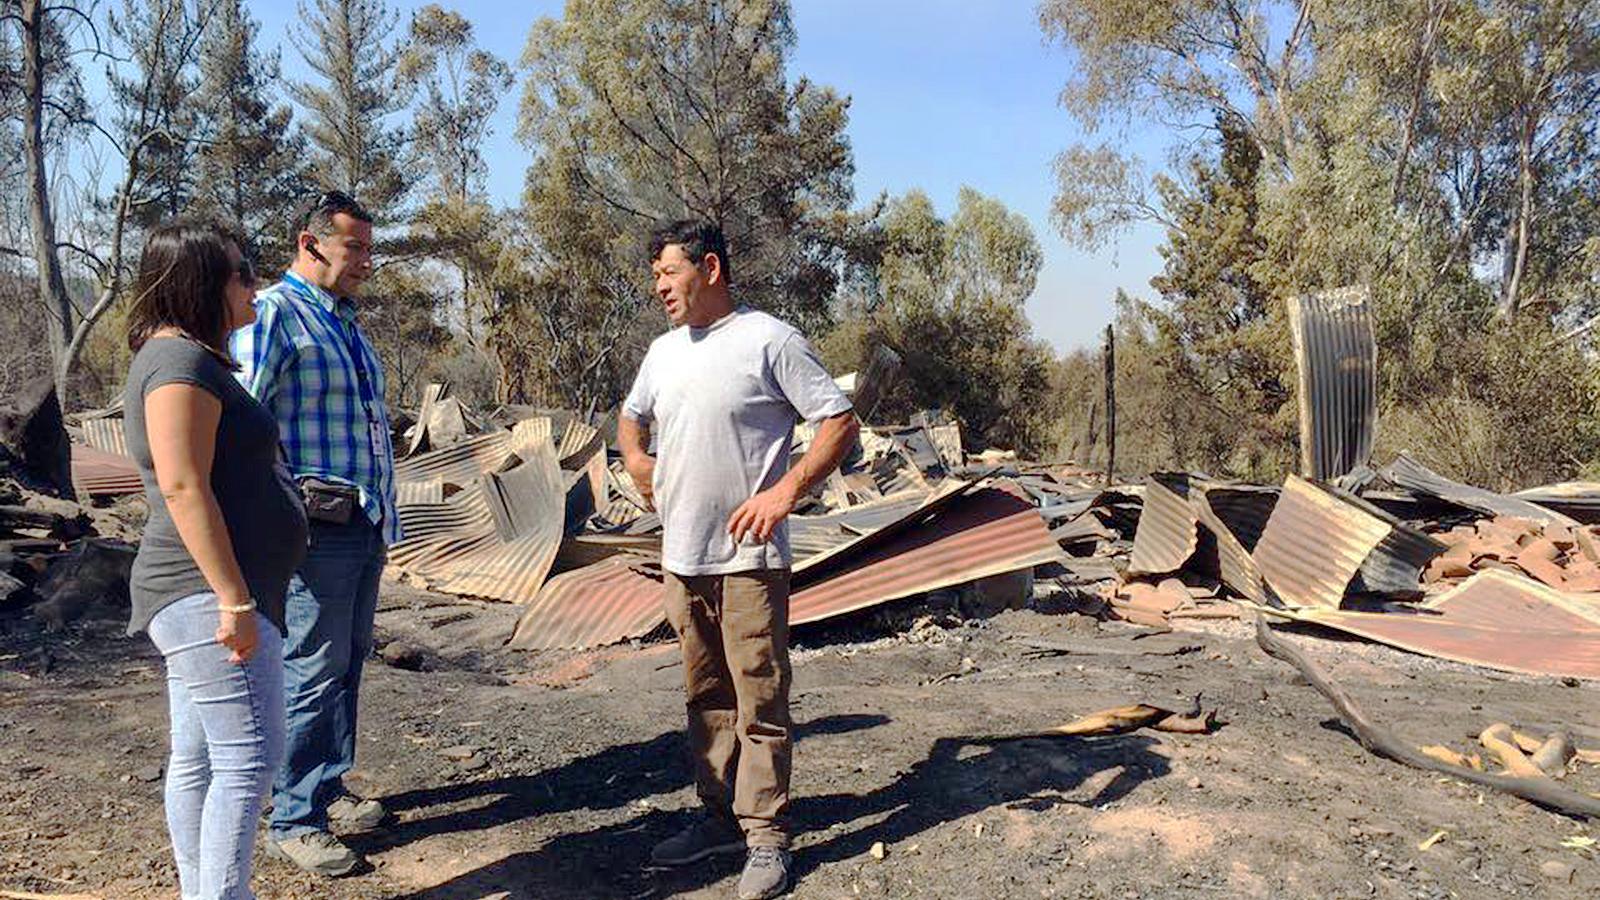 Serviu Maule adelantó catastro de familias con hogares incendiados para agilizar la reparación y reconstrucción de viviendas